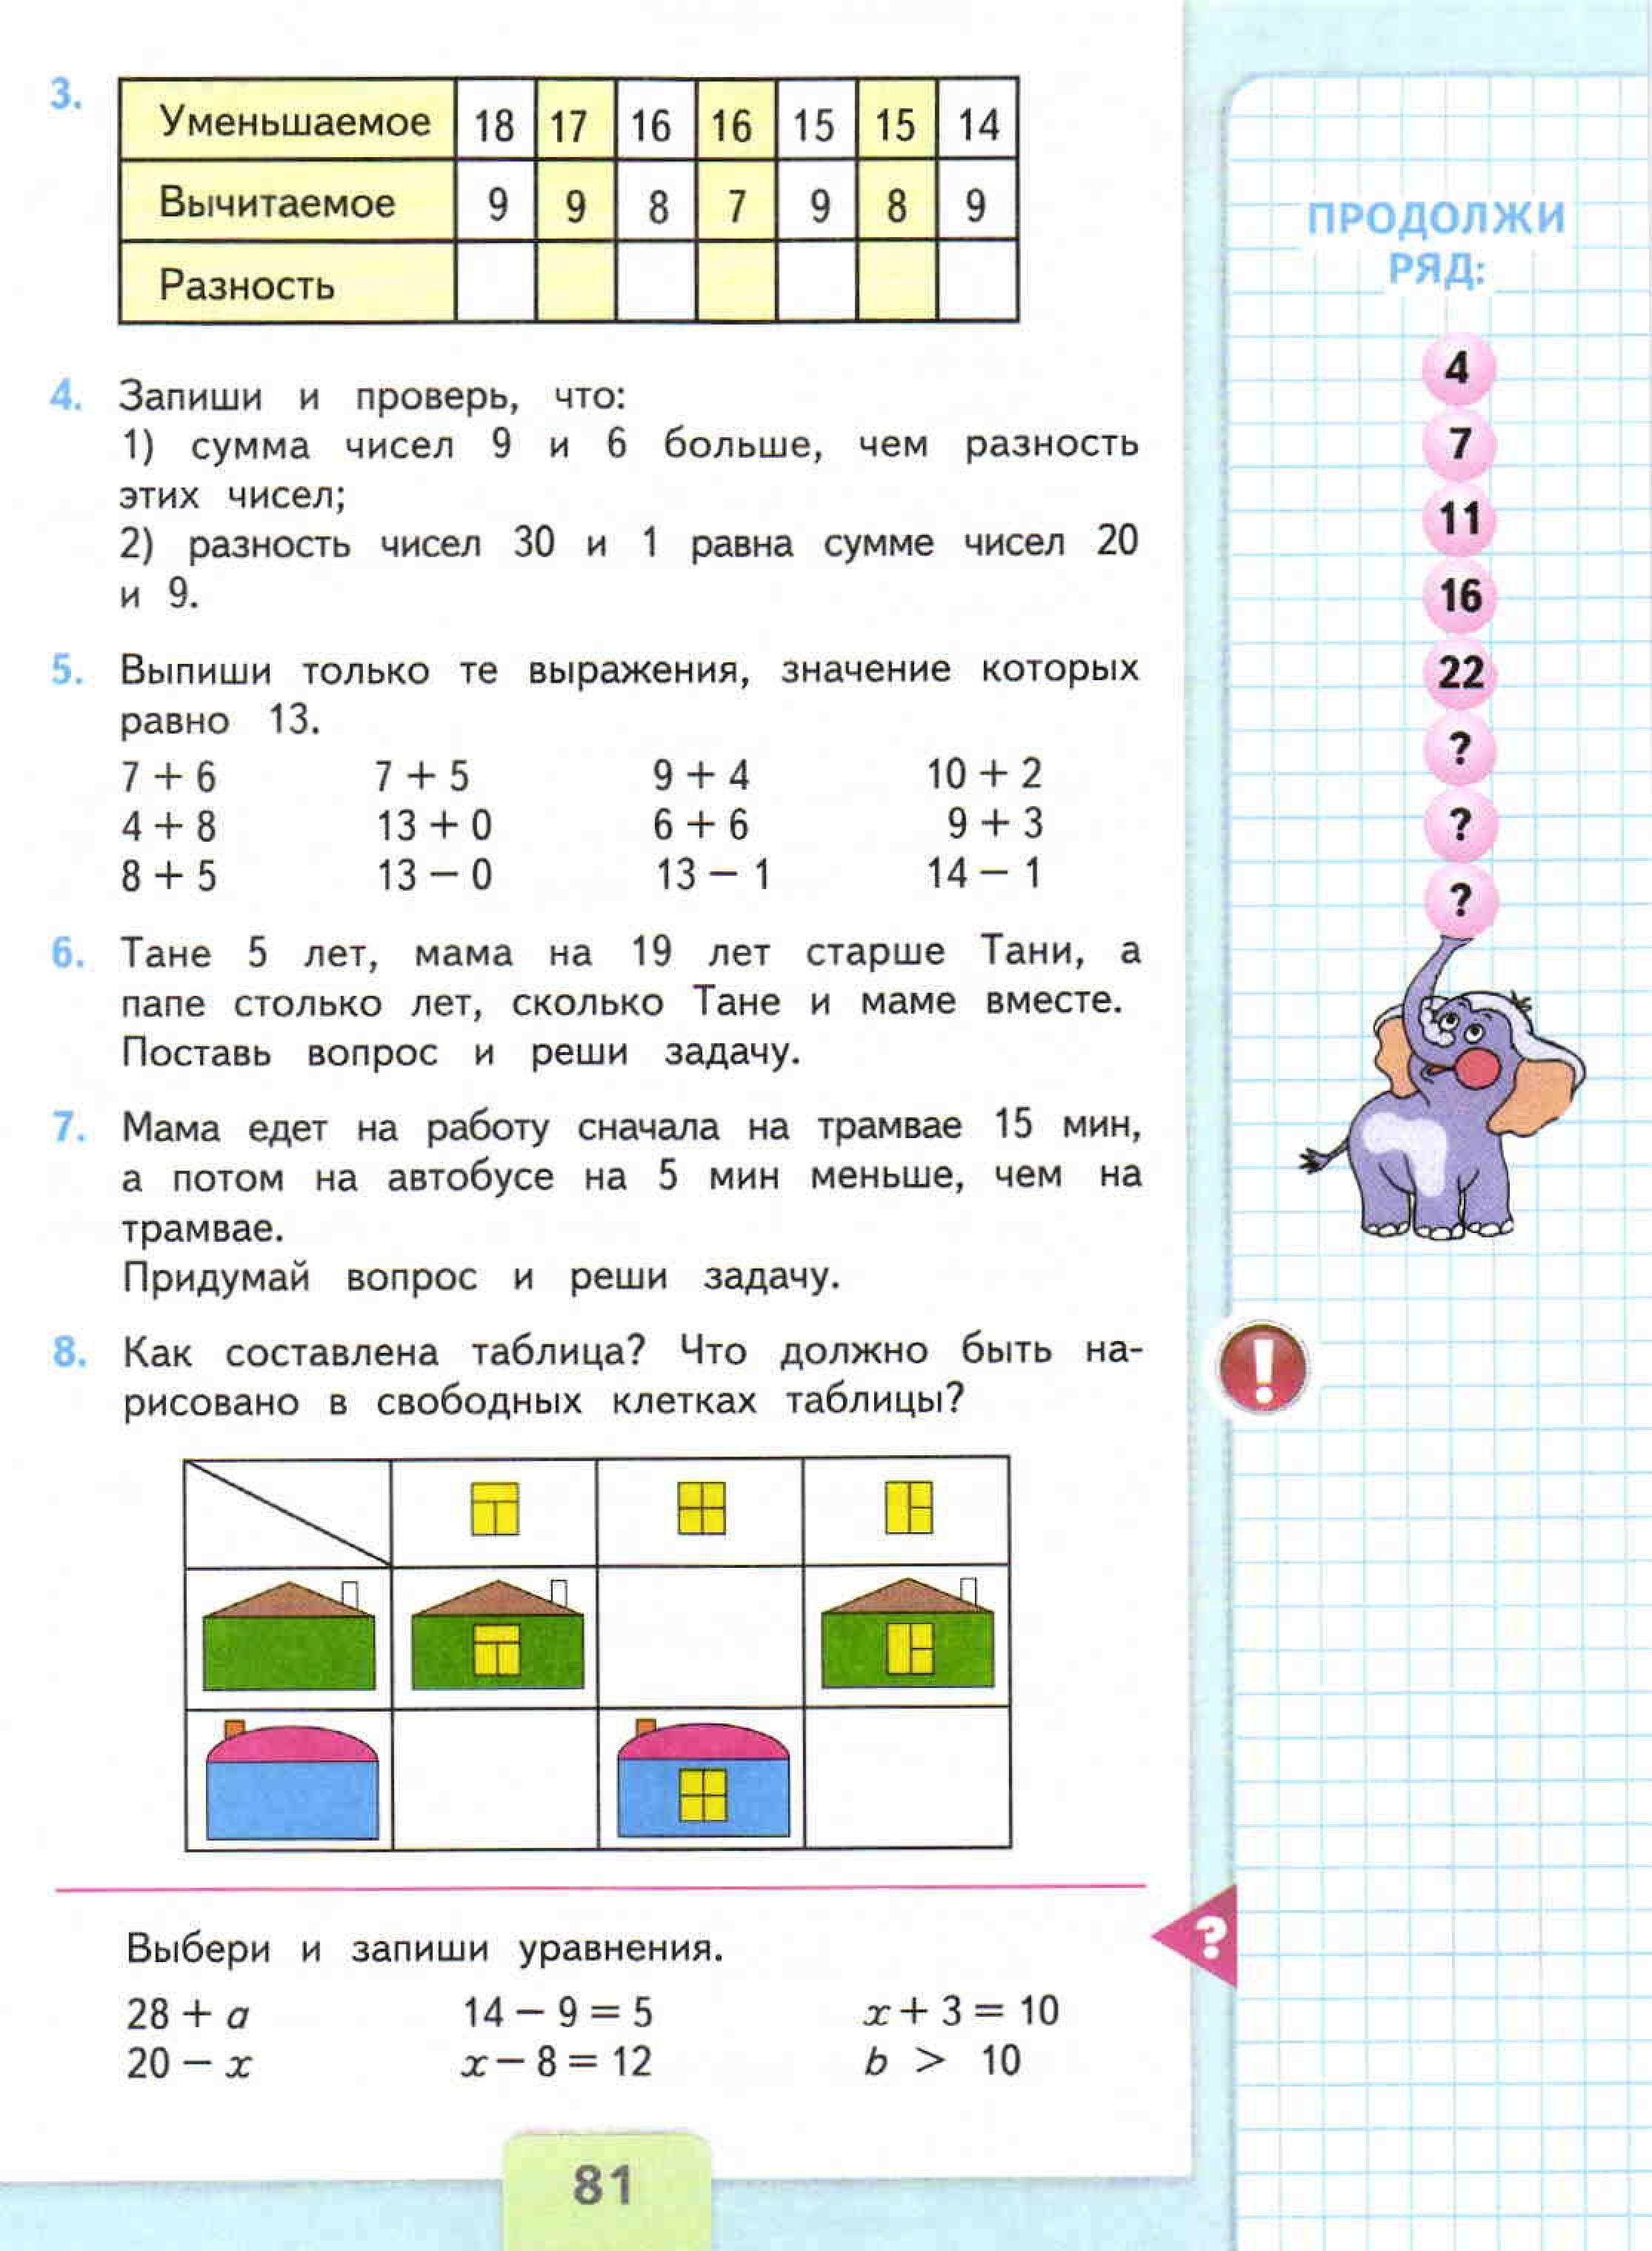 Решебник 2 класса по математике моро 1 часть.